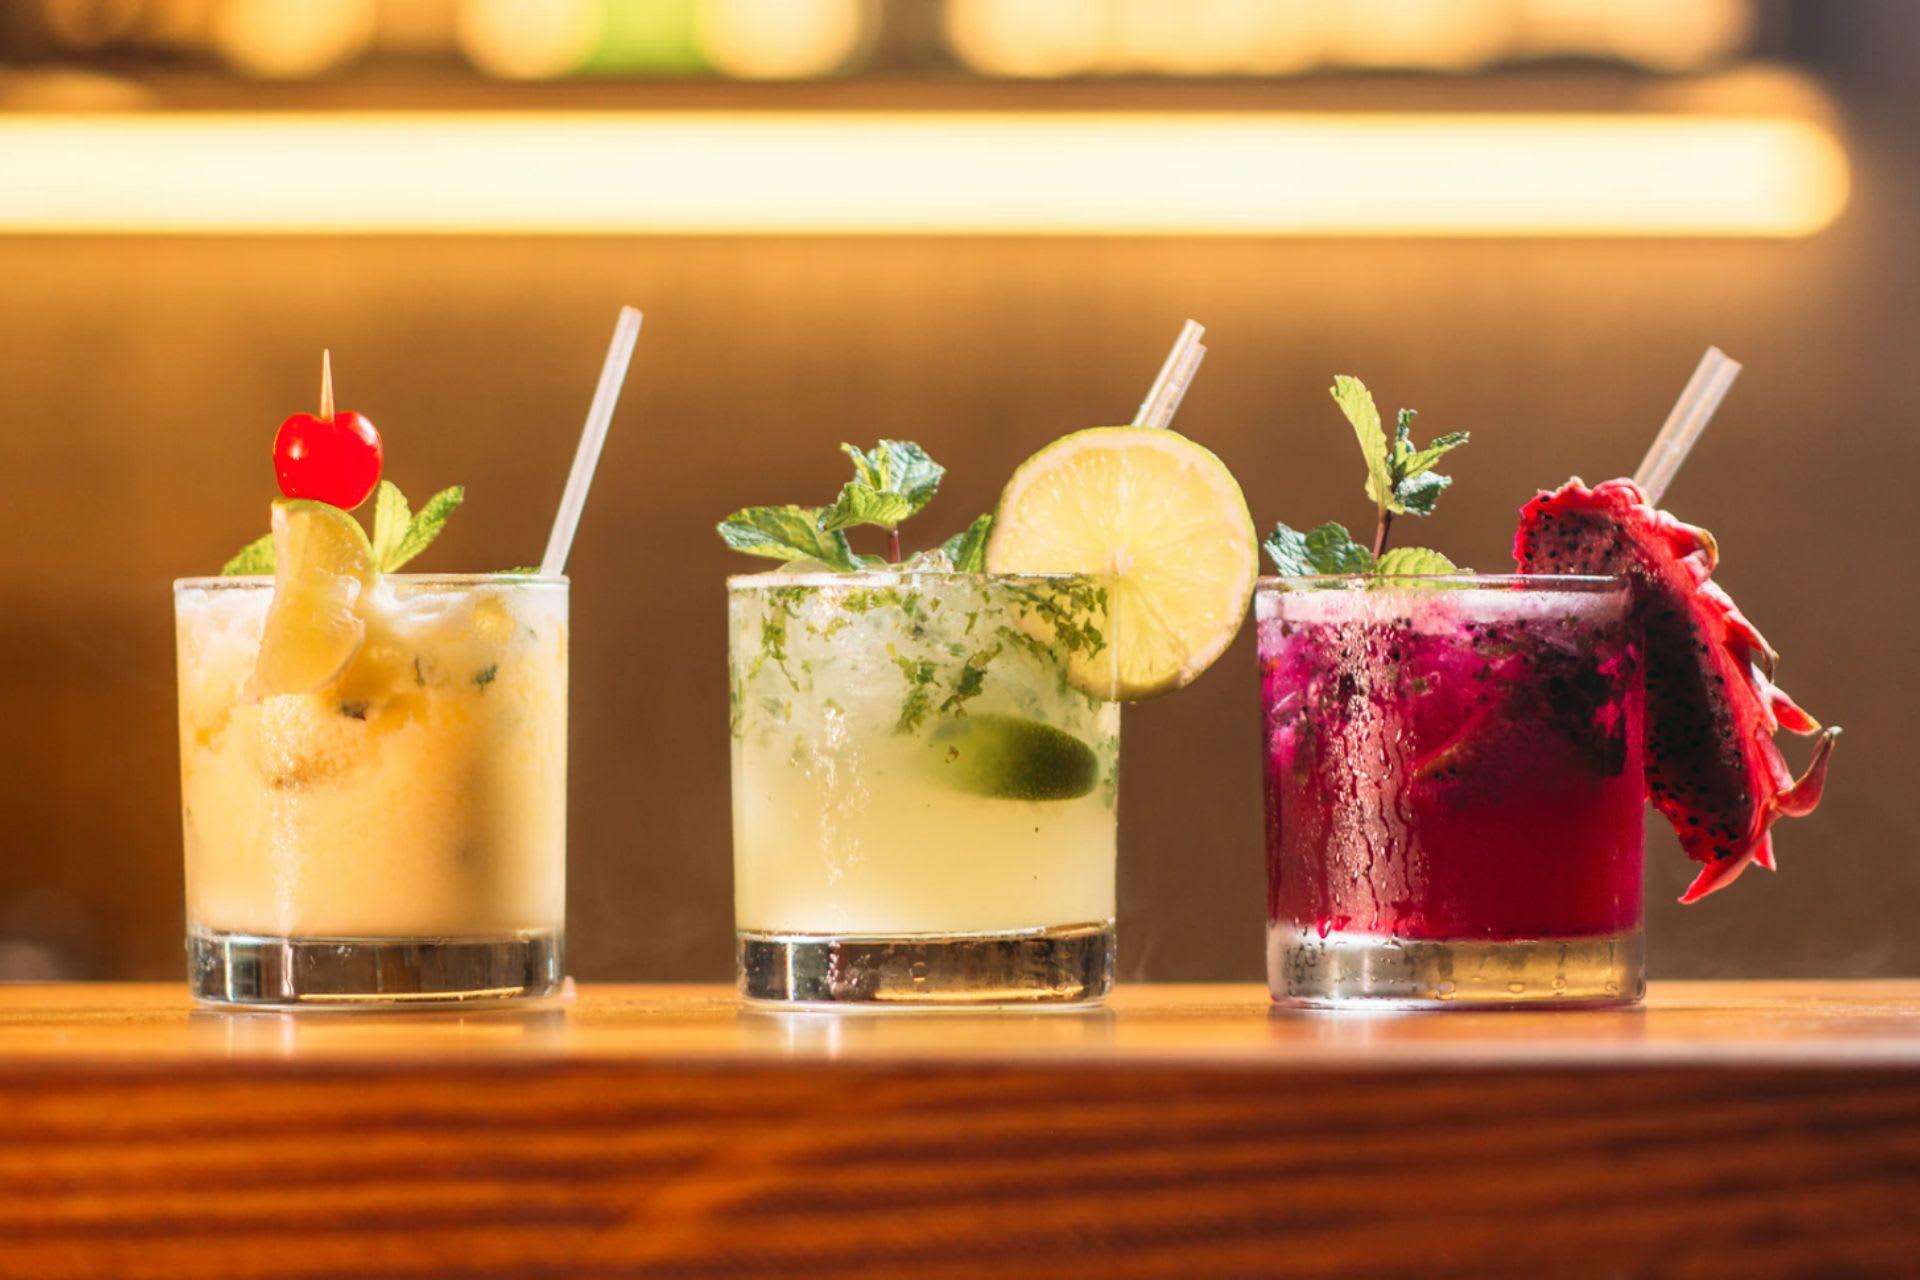 Best Beachside Cocktails in Ponte Vedra, FL